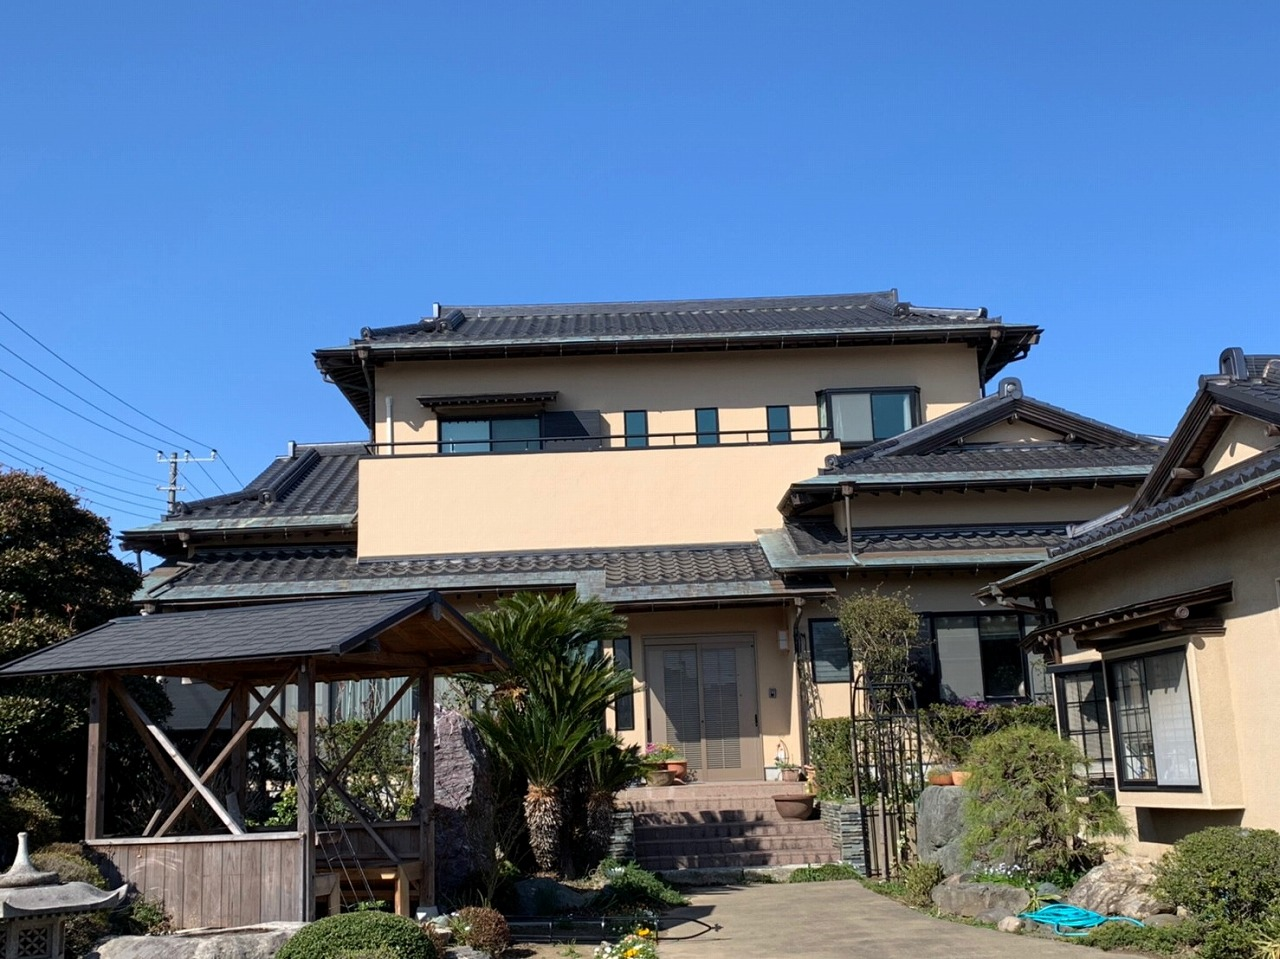 印旛郡U様邸 外壁塗装工事が完成しました!